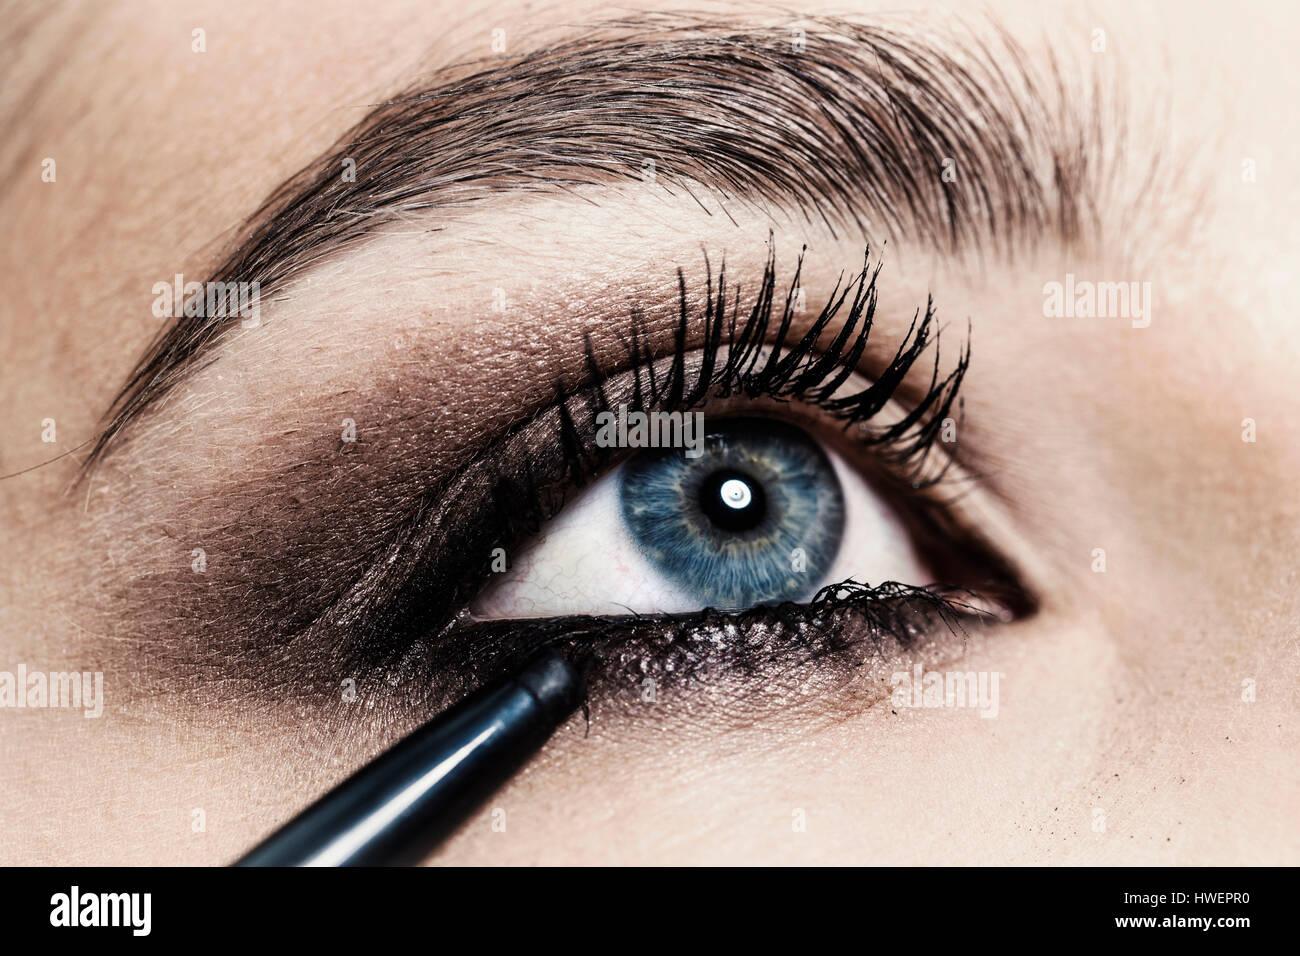 Nahaufnahme der Eyeliner auf junge Frau Auge angewendet wird Stockbild